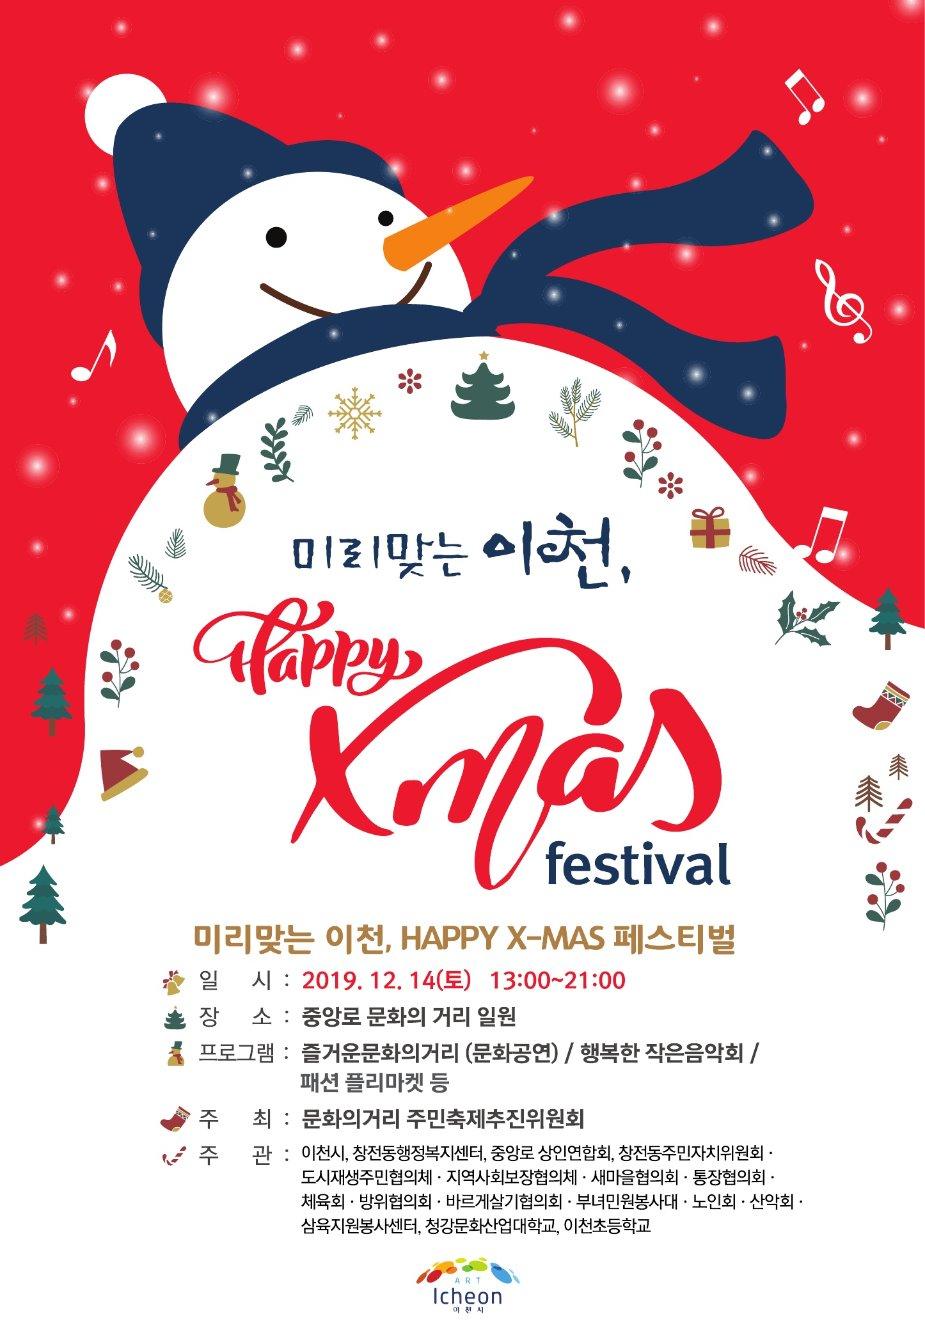 미리맞는 이천 HAPPY X-MAS 페스티벌.jpg